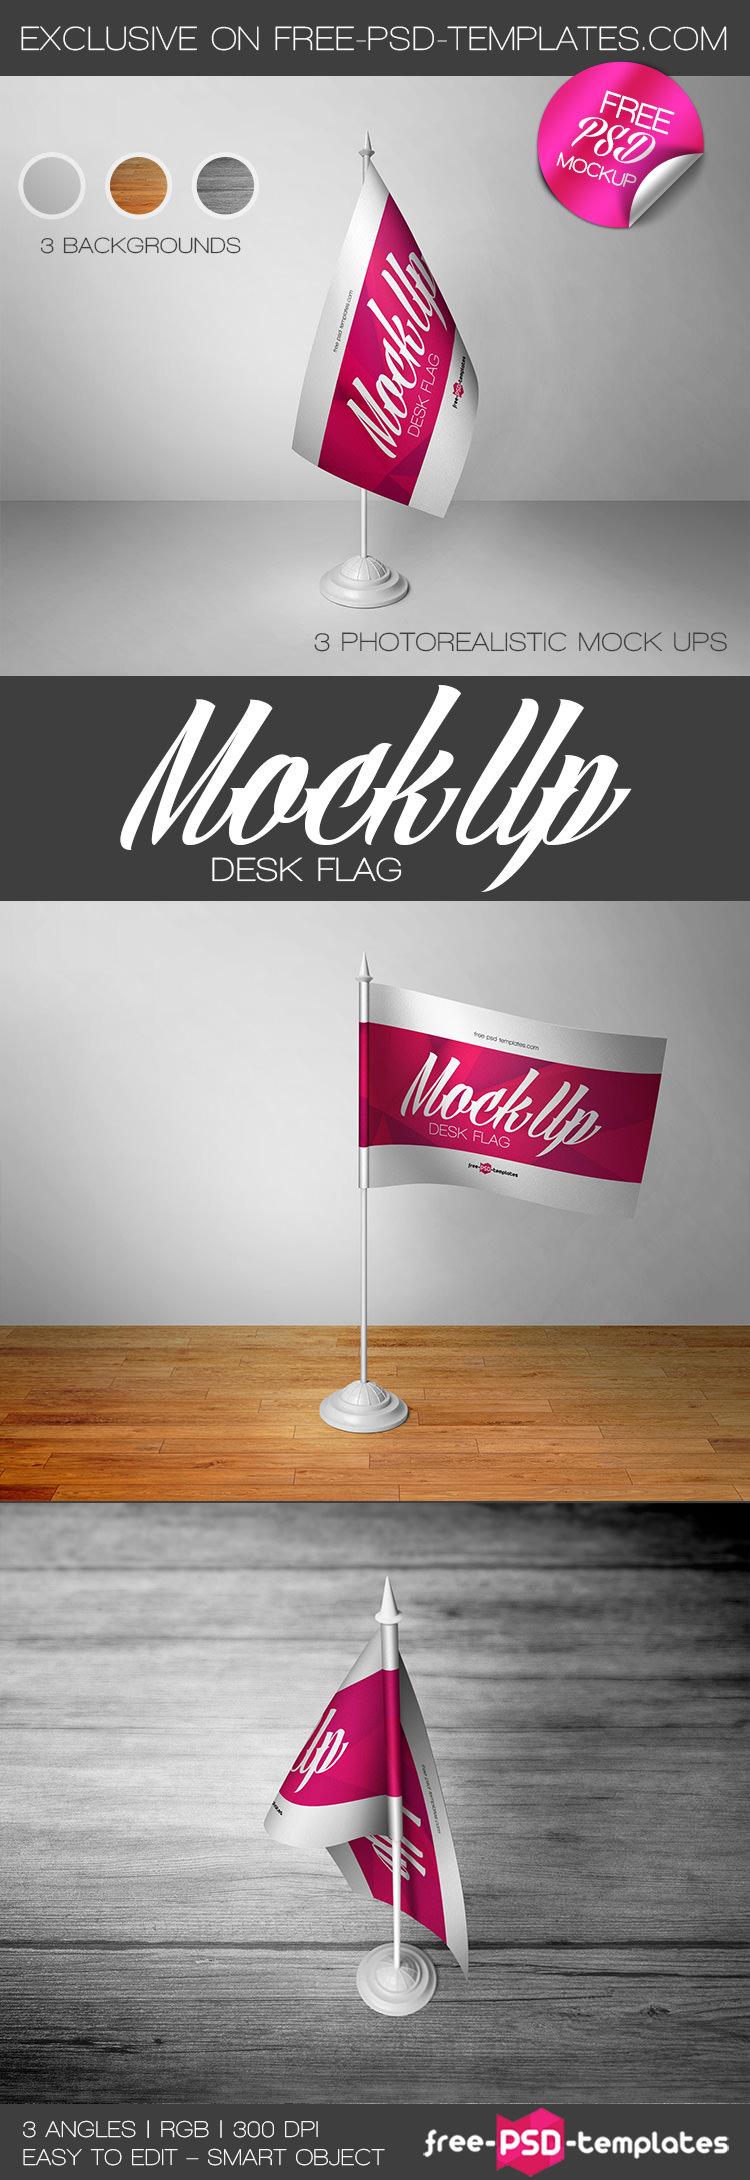 free desk flag mockup